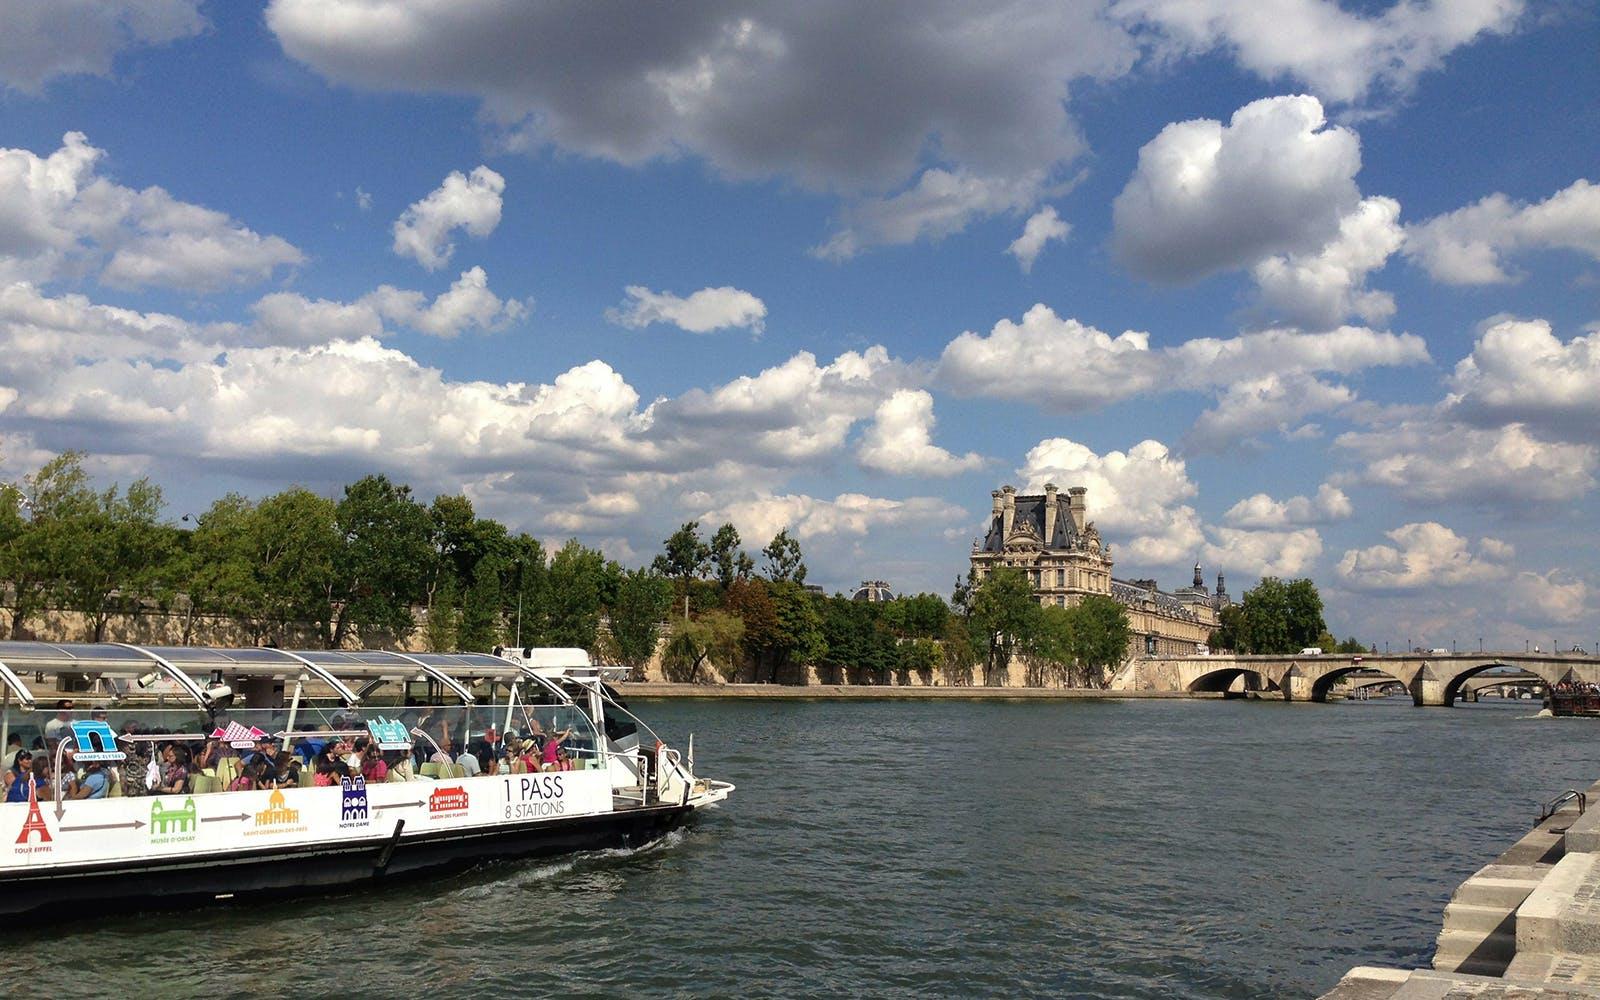 paris hop on hop off bus tours - 3